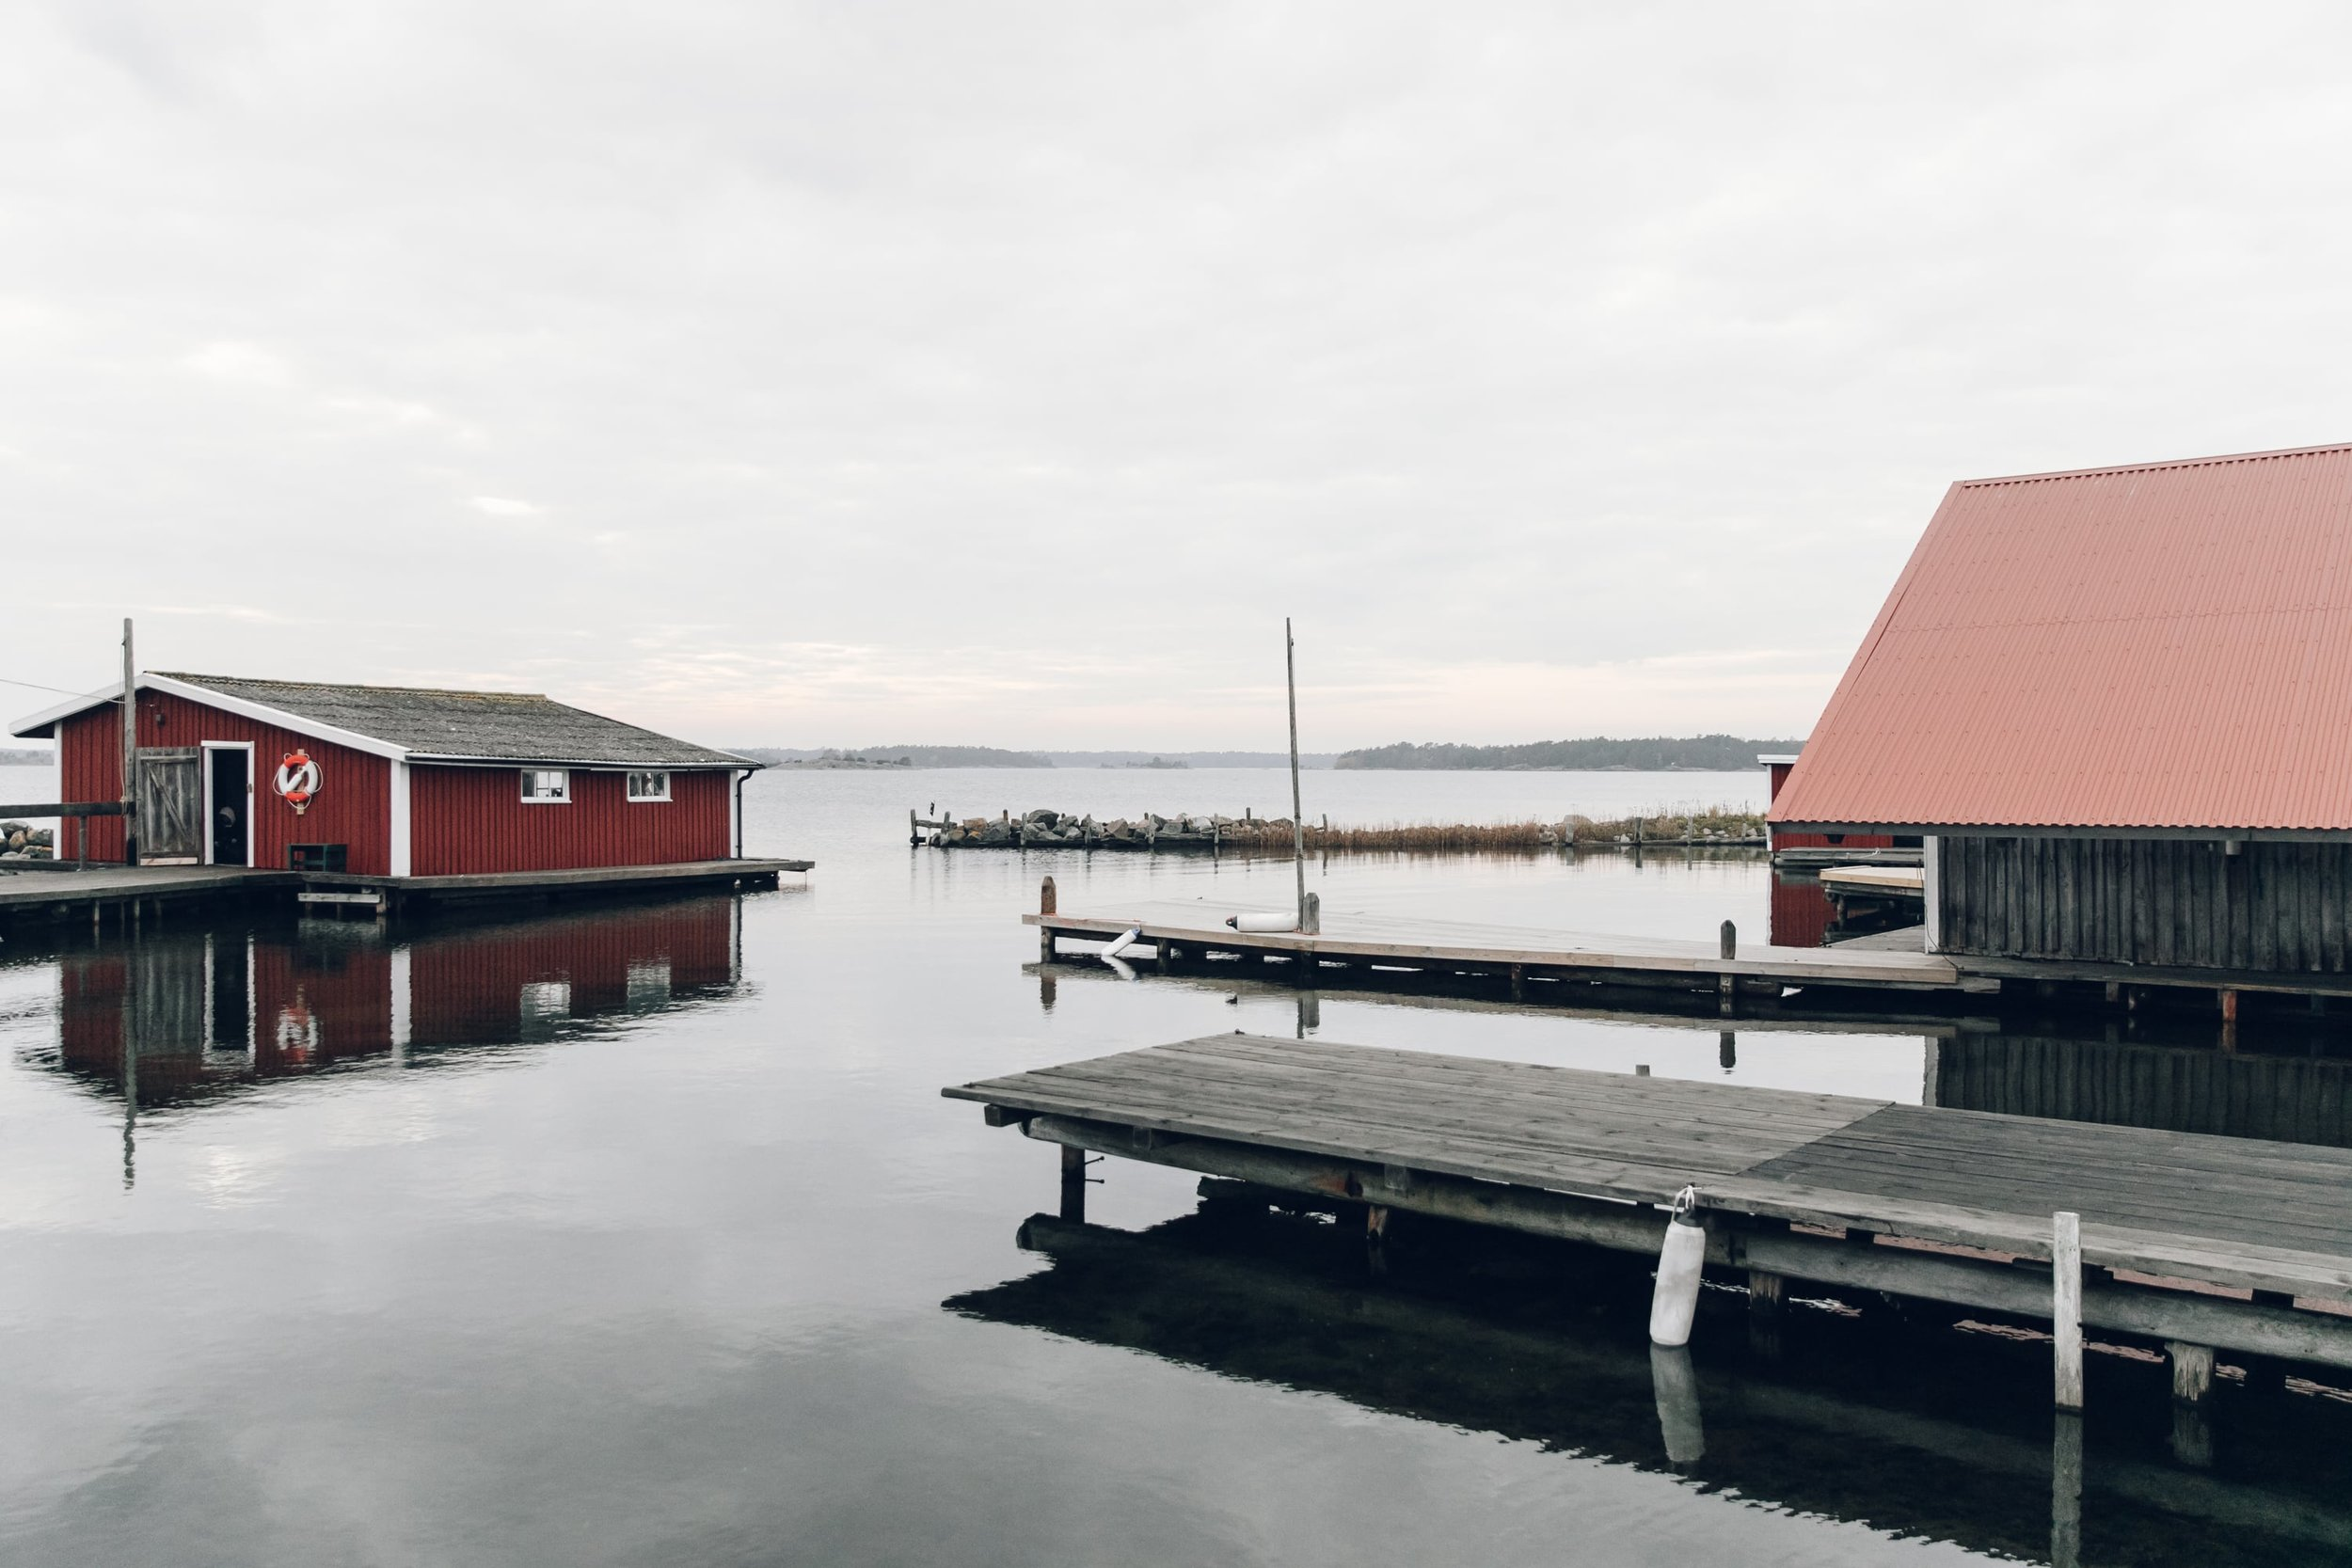 Hasselö and Sladö in Västervik in Sweden by Haarkon